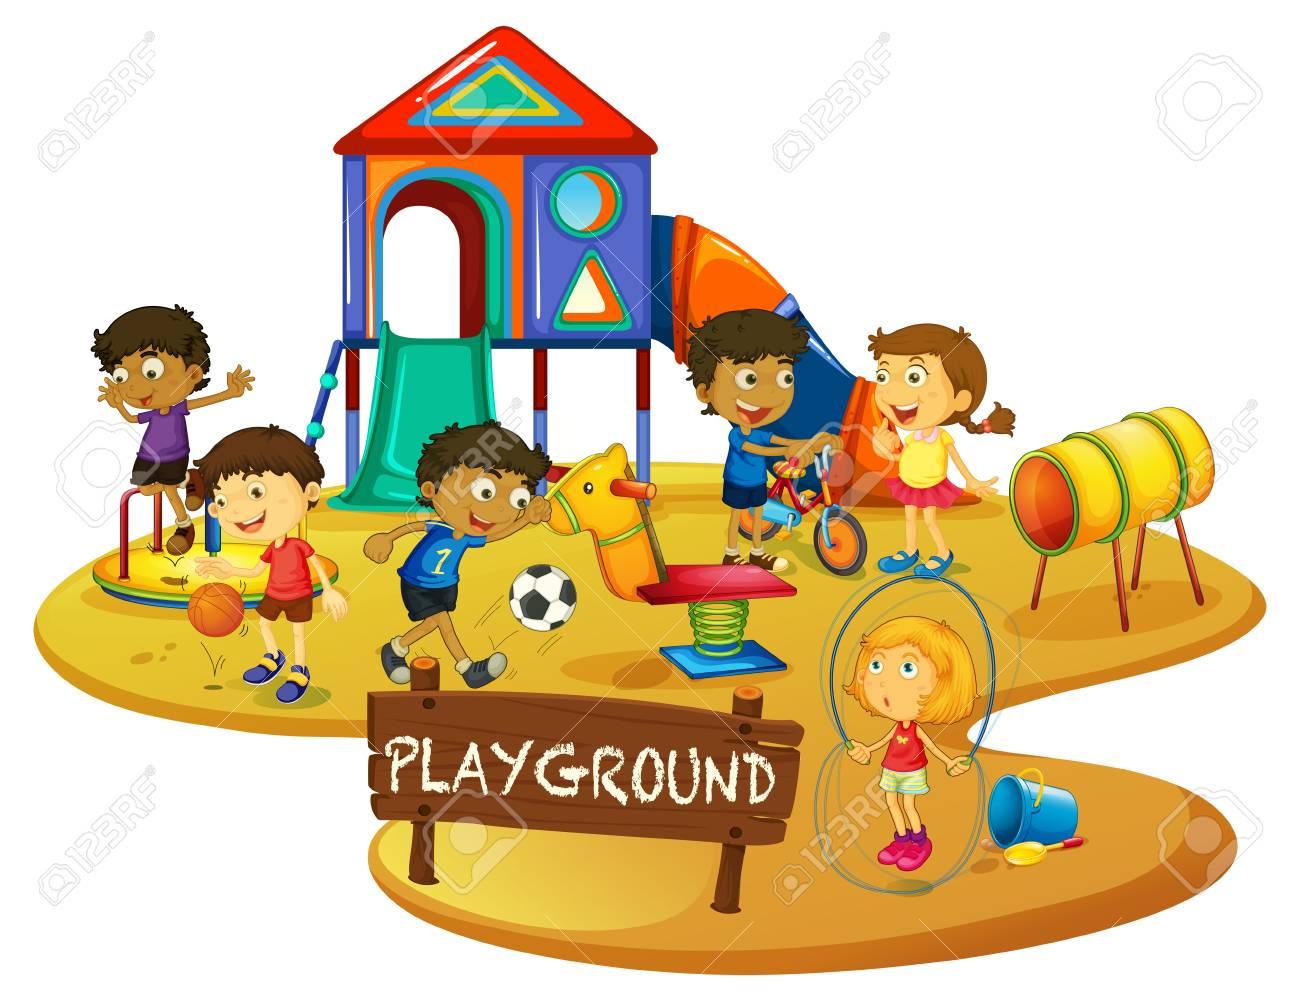 Happy children play in playground illustration.